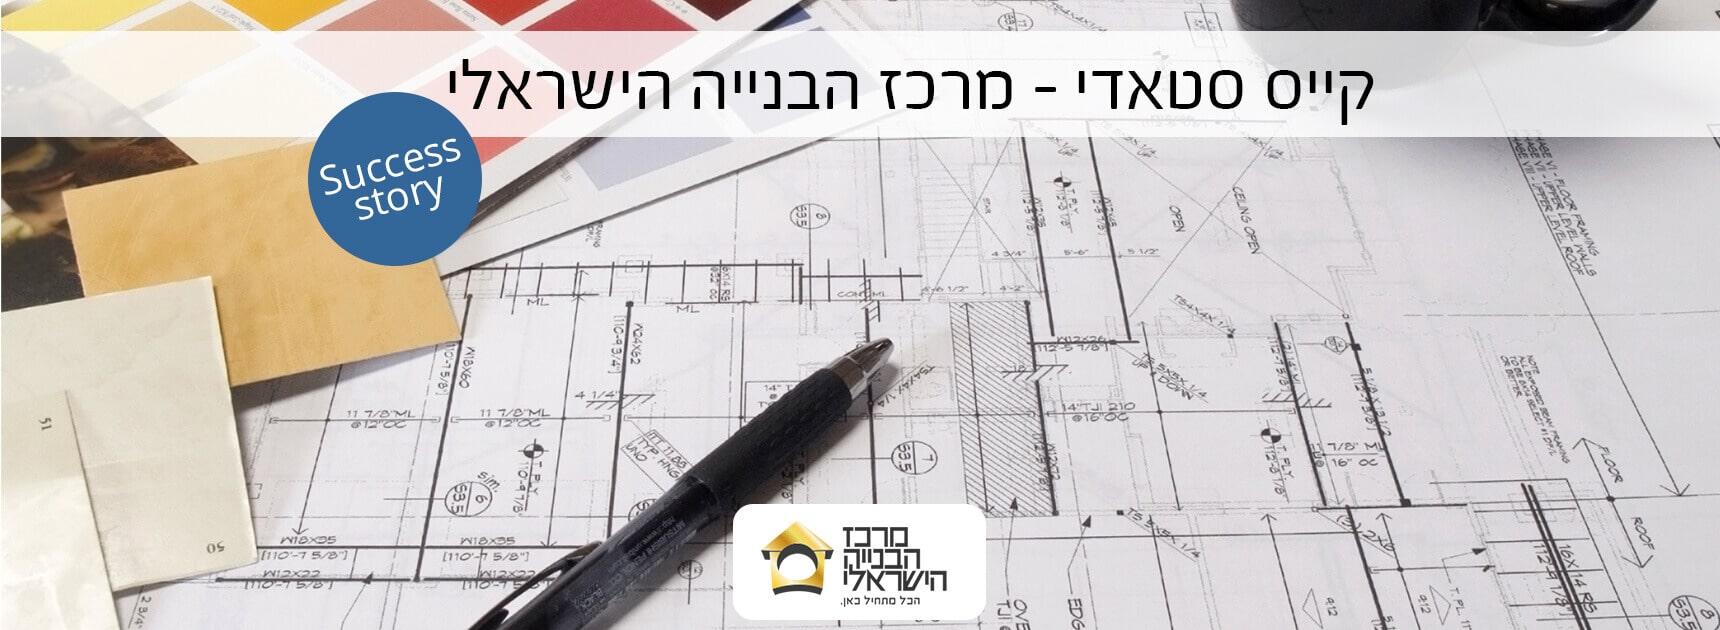 קייס סטאדי – קמפיין מרכז הבנייה הישראלי